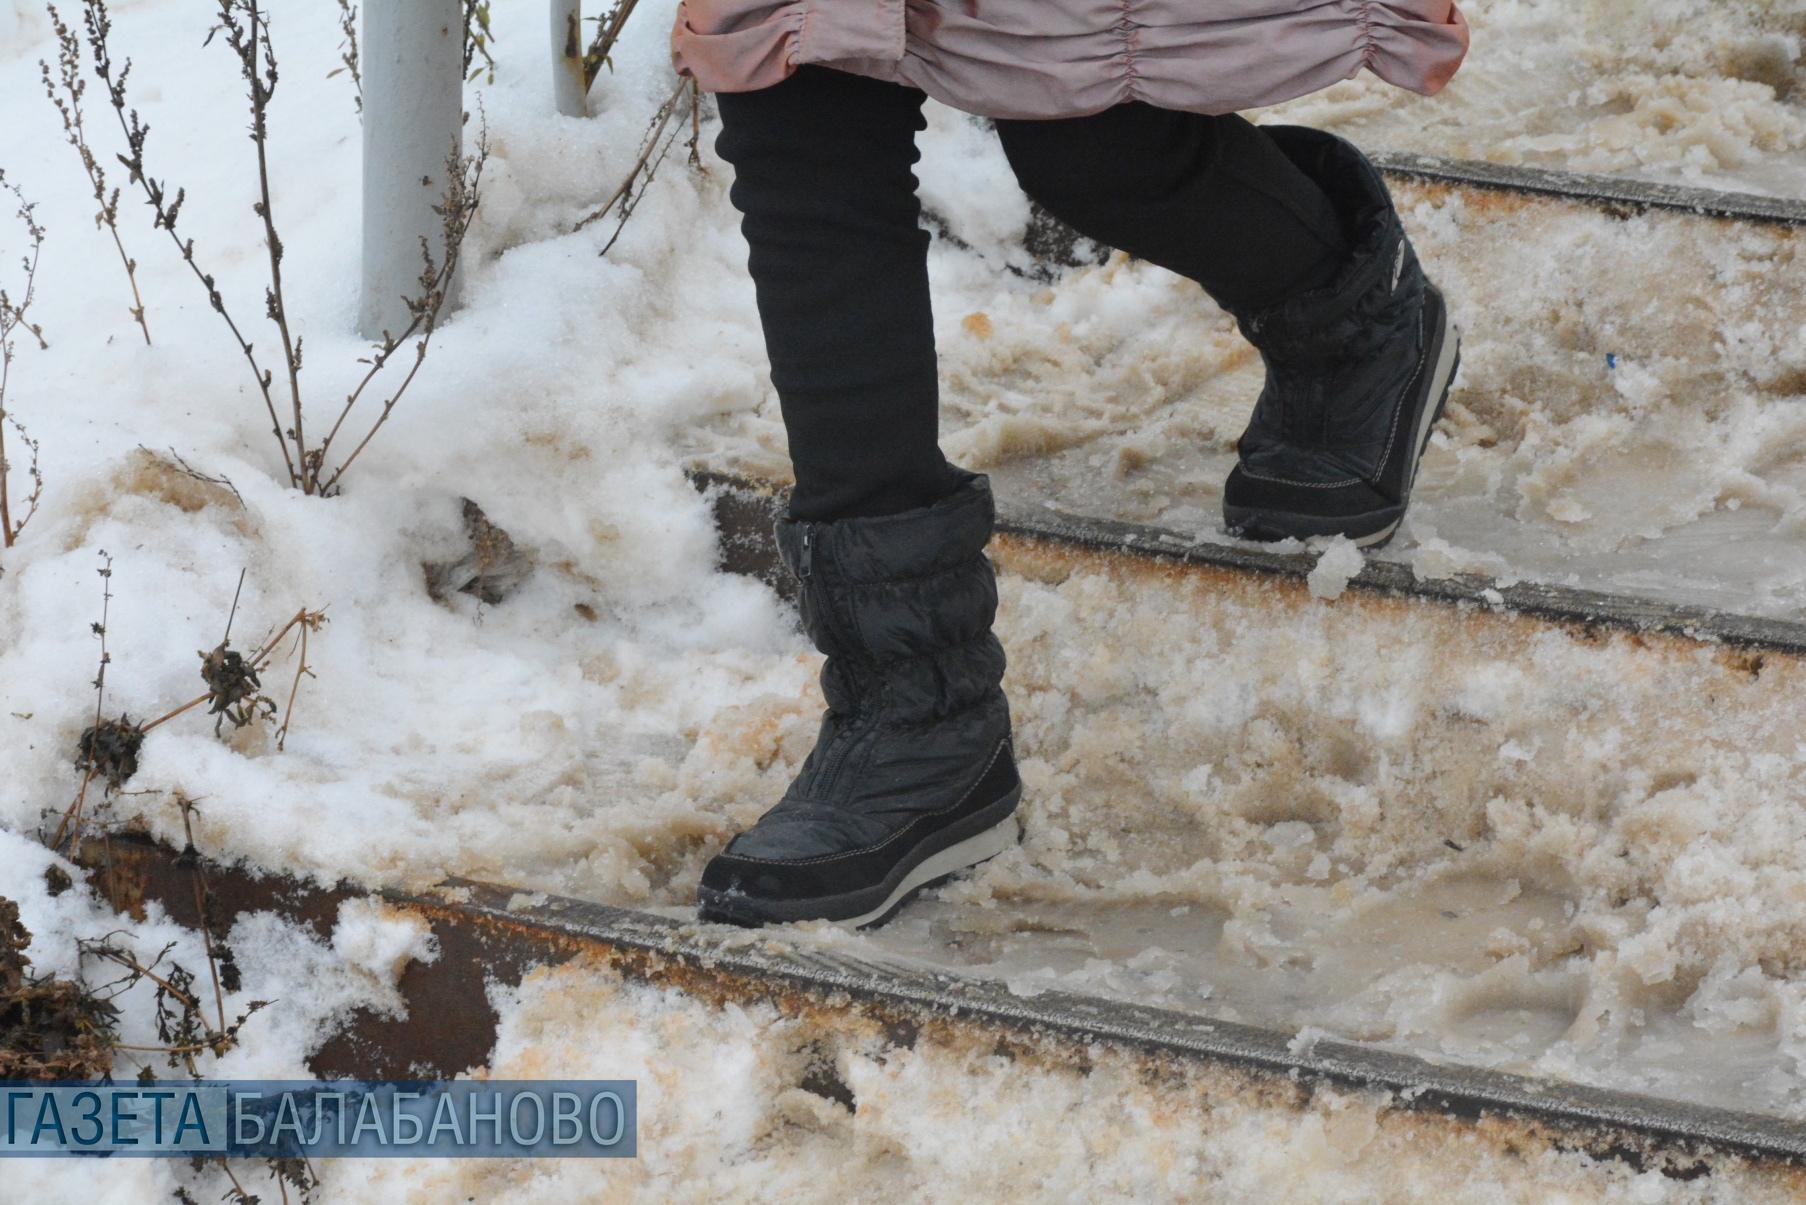 Специалисты административно-технического контроля проверят как осущетсвляется уборка снега на территории ж/д станции Балабаново